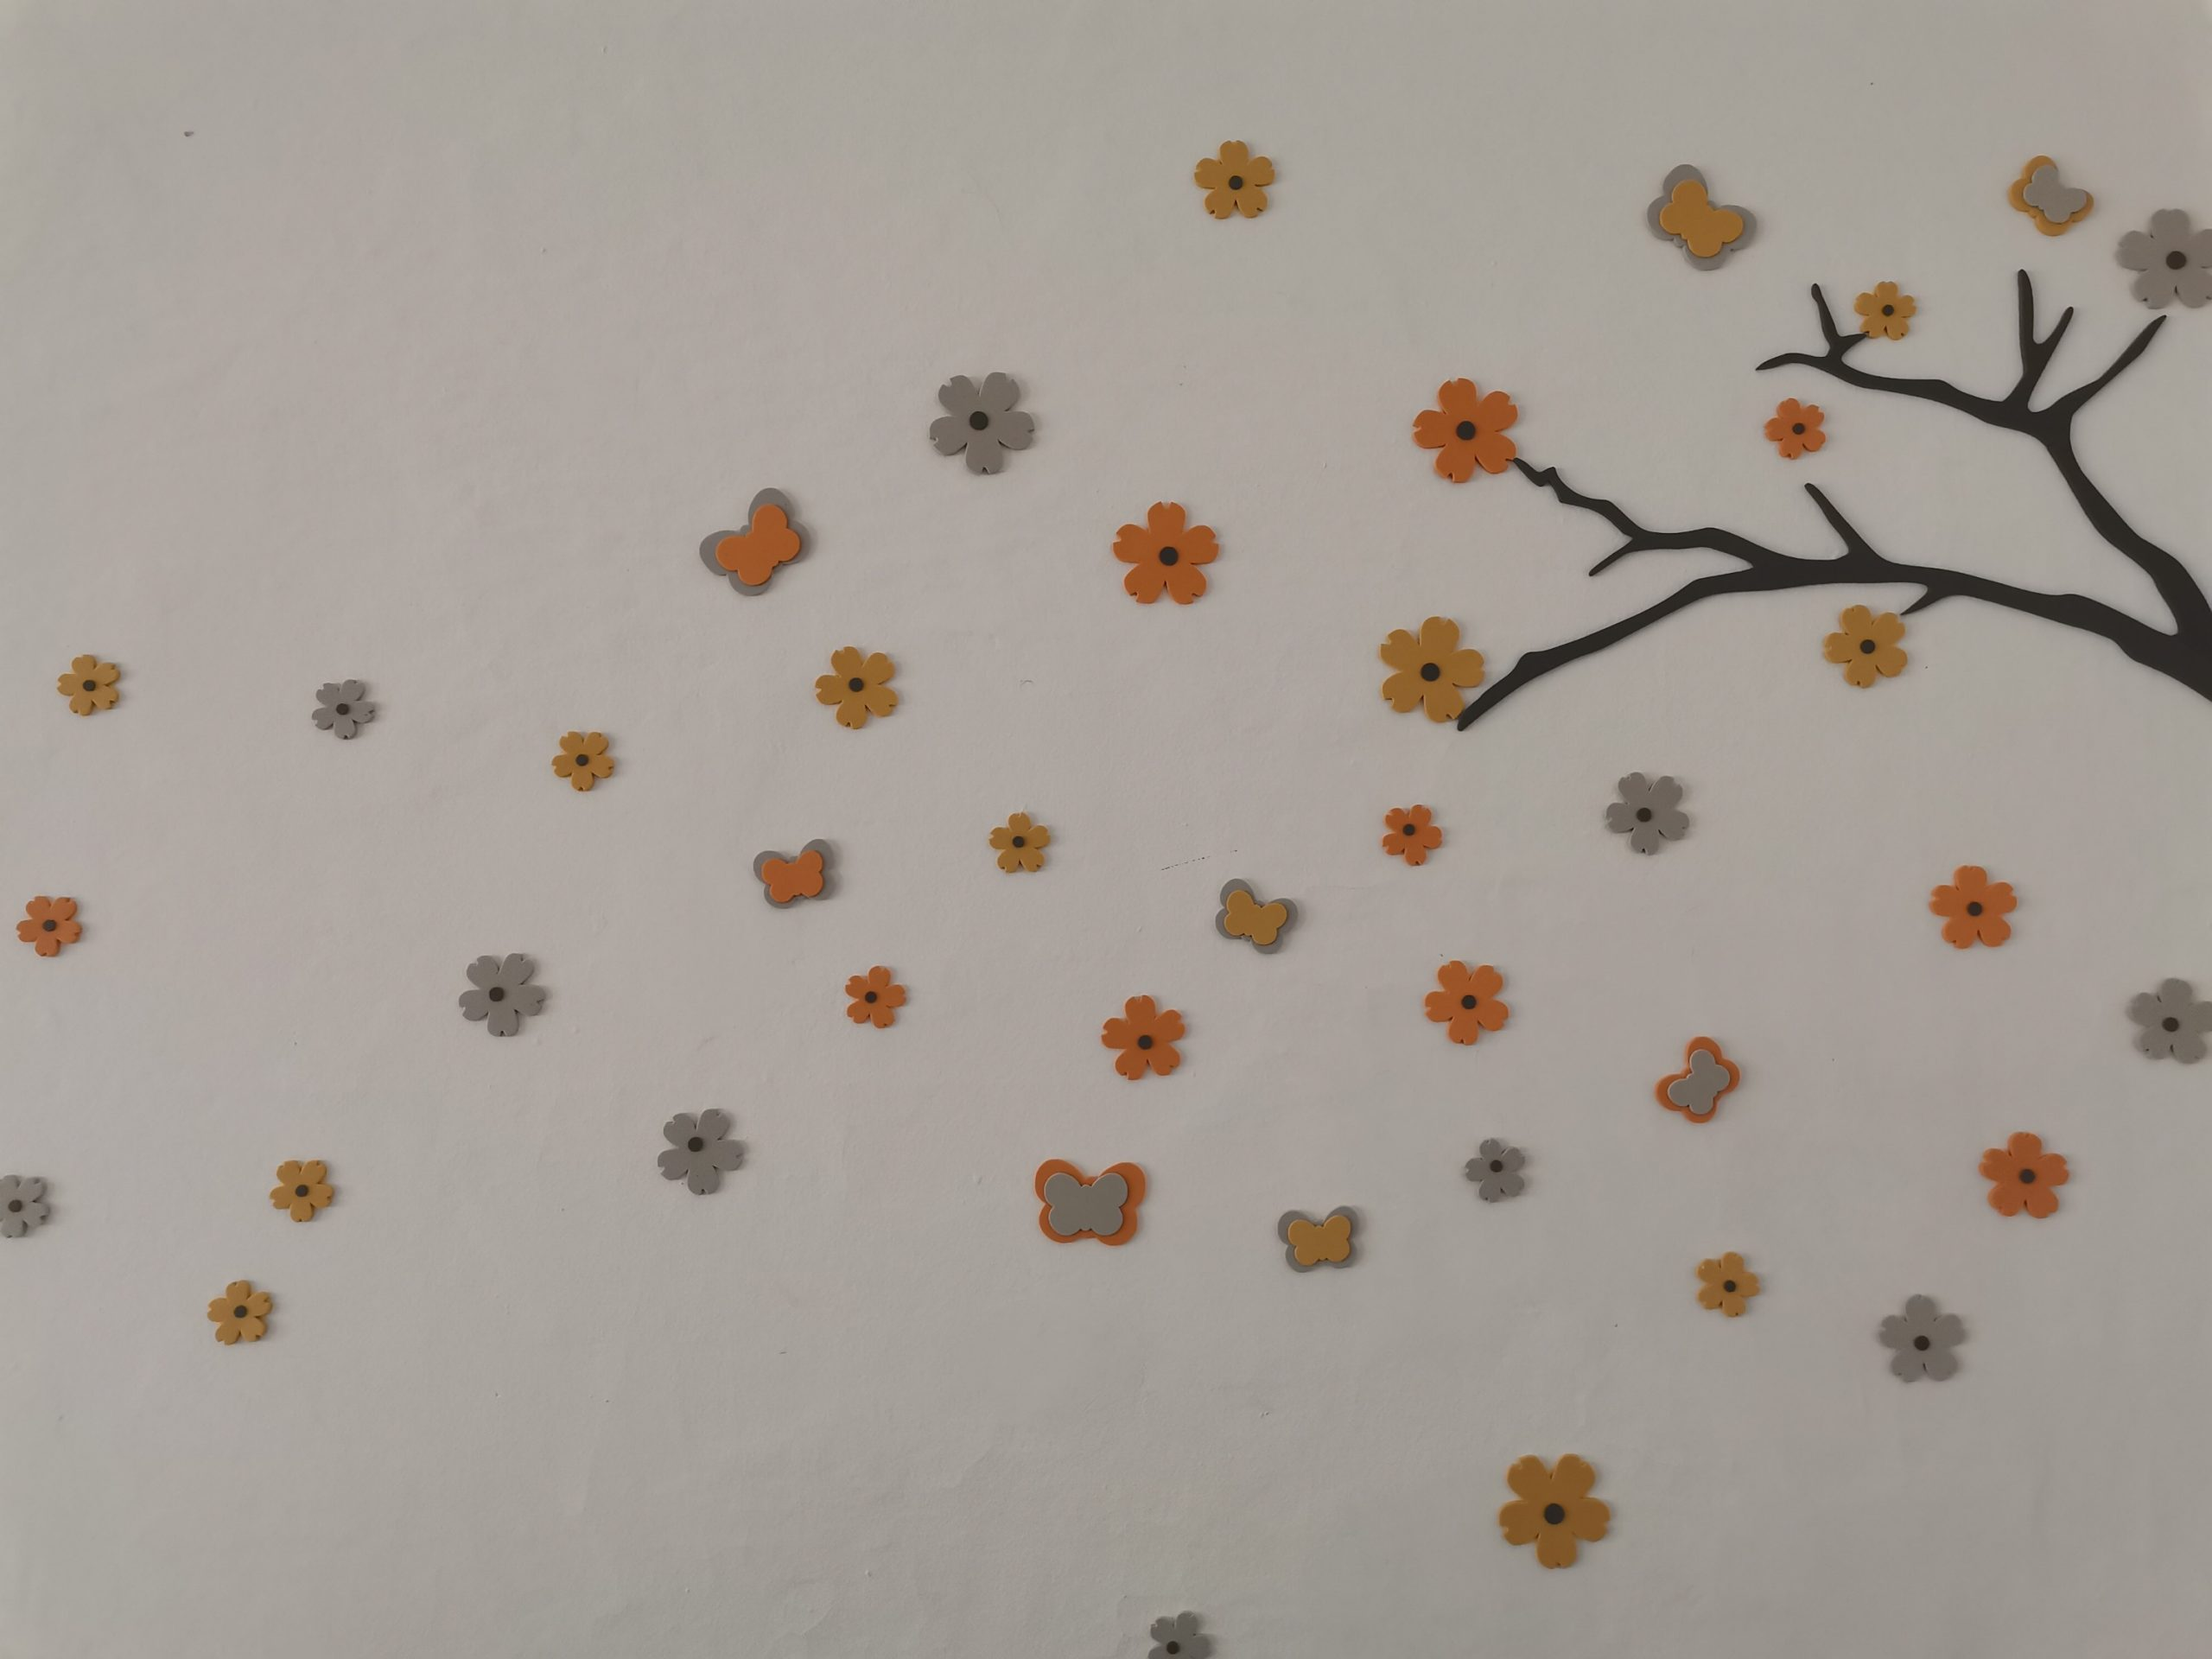 Pulizie d'autunno